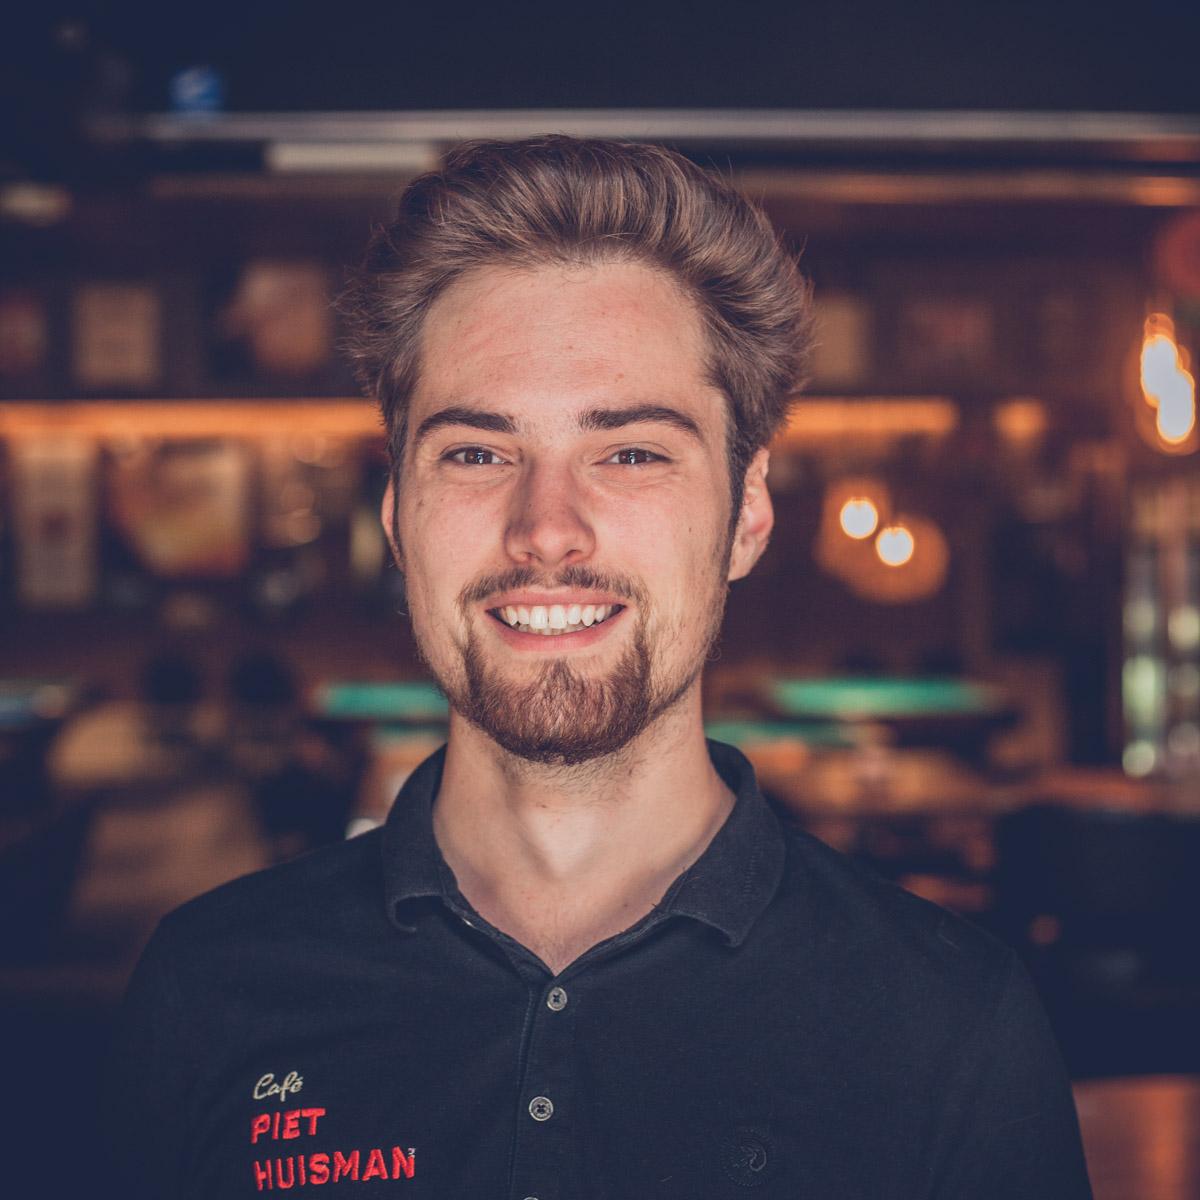 Café Piet Huisman Team Mathijs